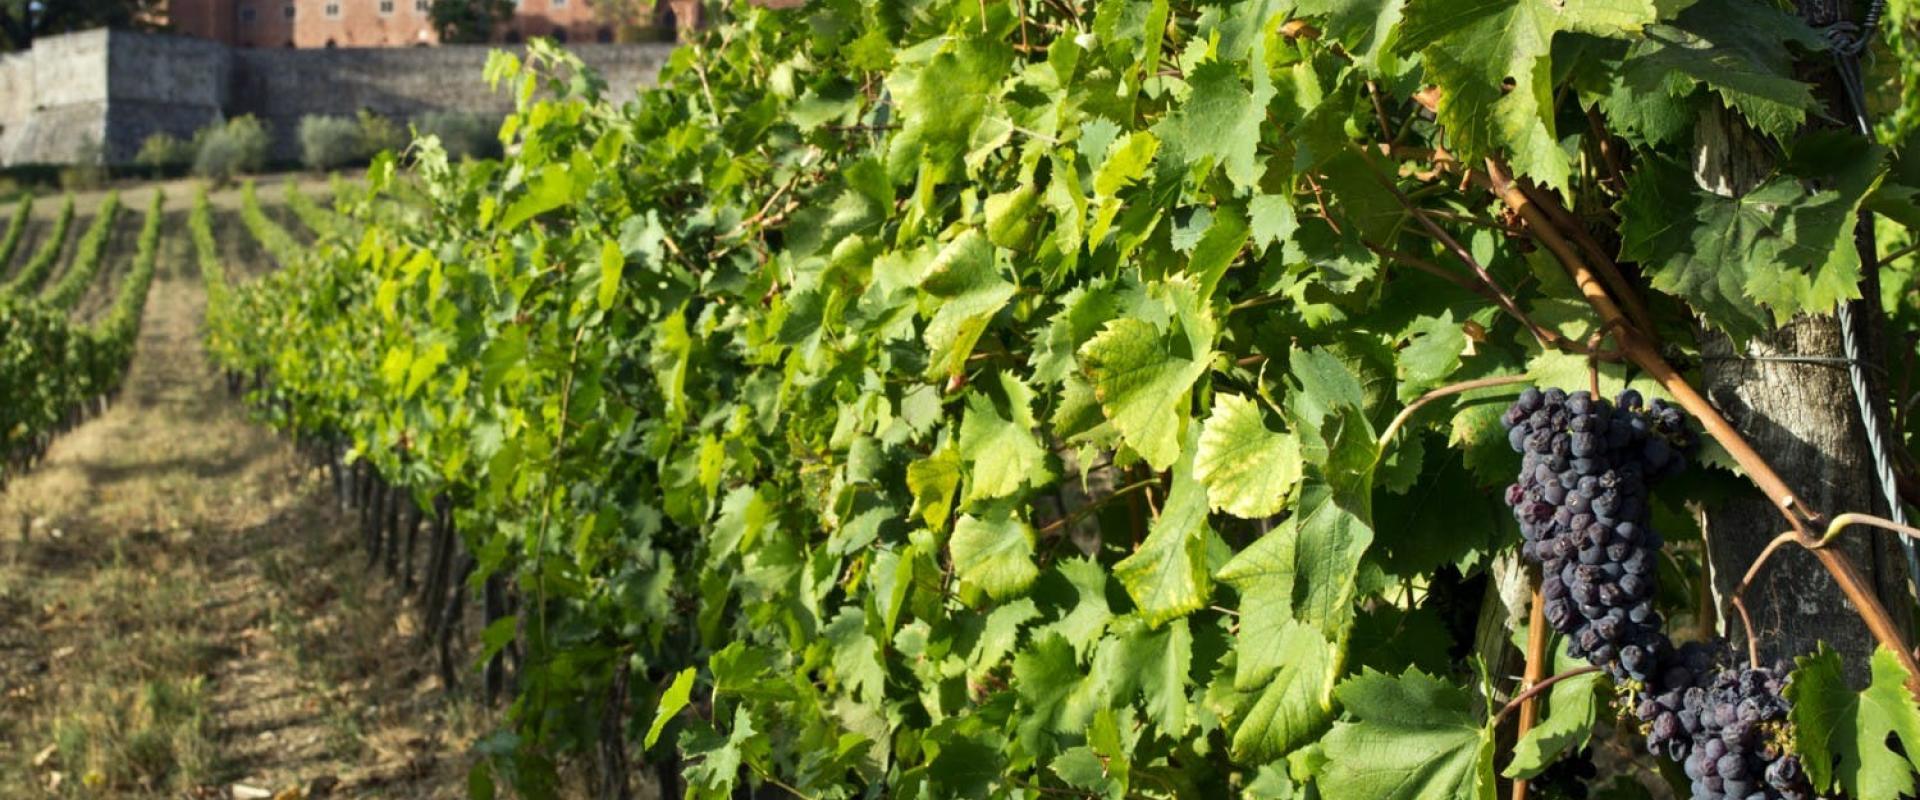 xcursion in the winery Castello di Brolio in Chianti area with visit of the cellar